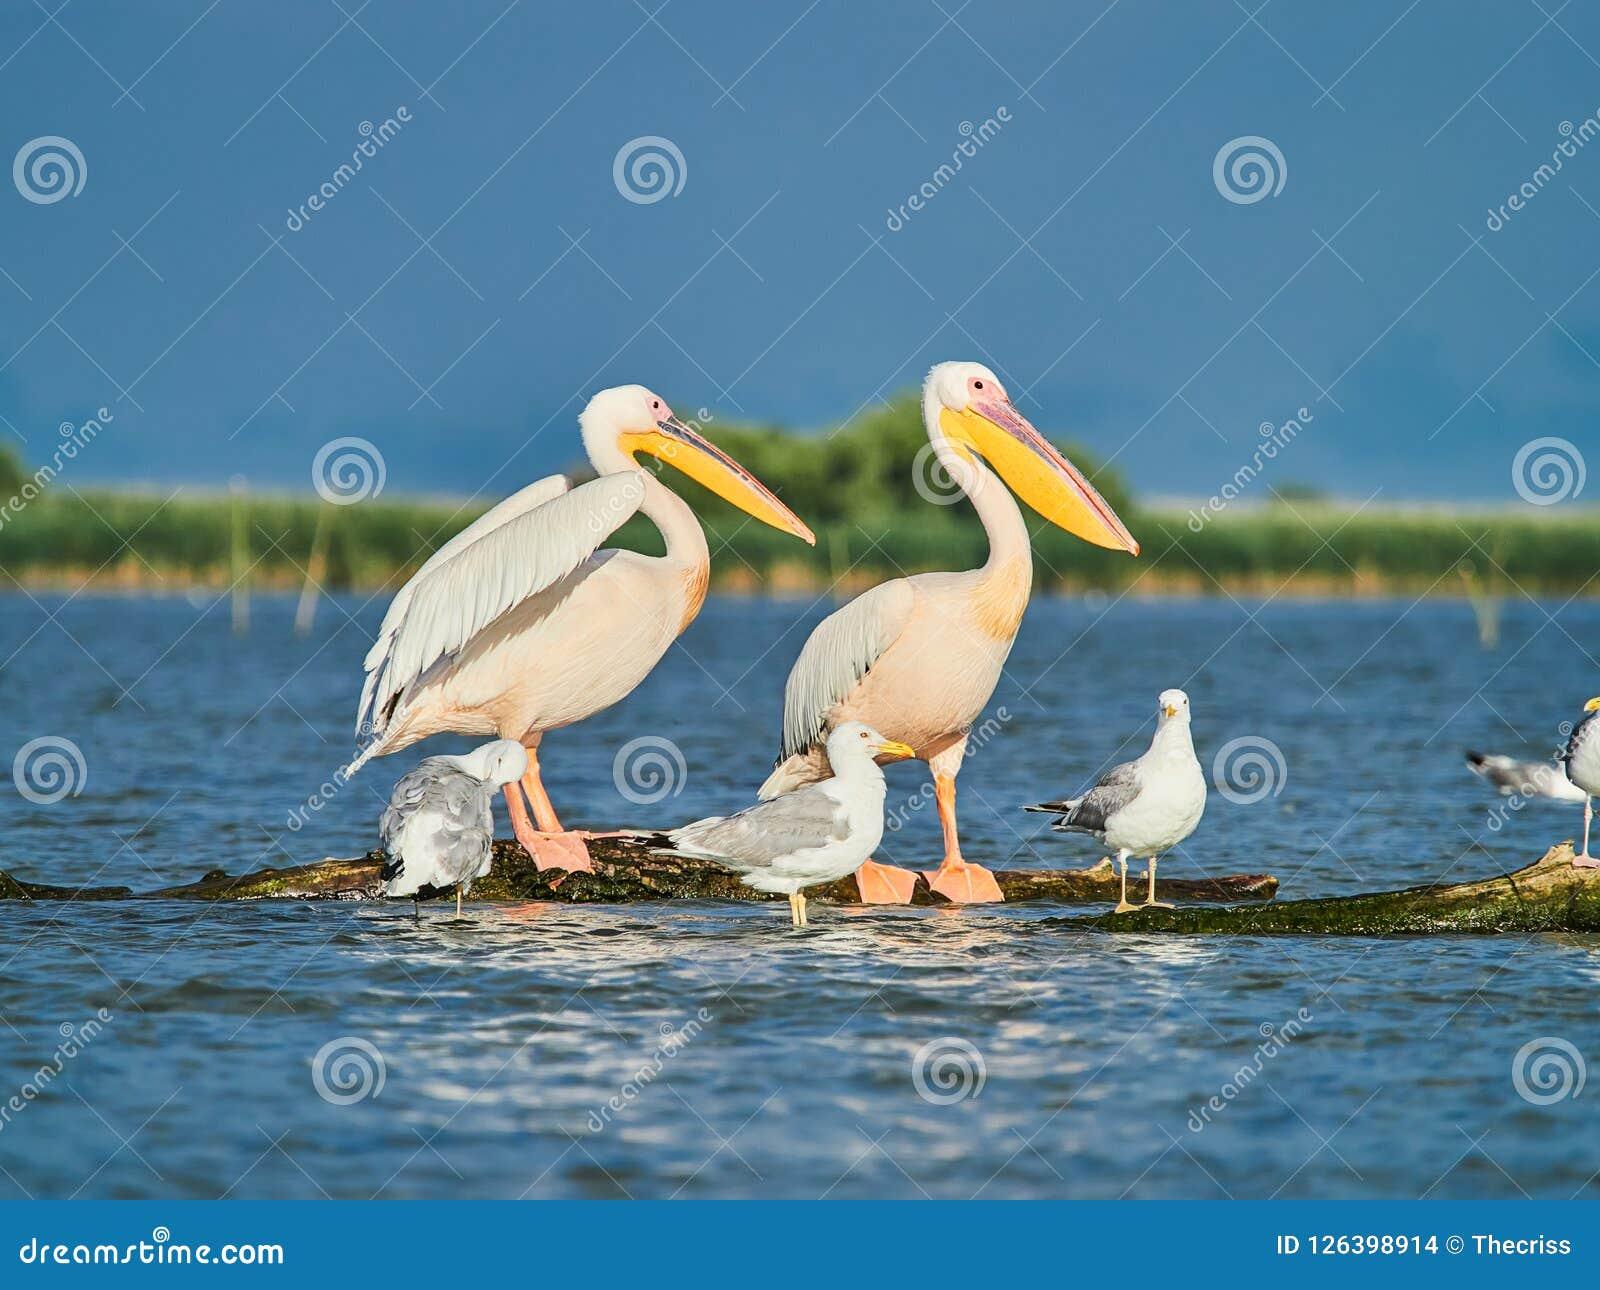 Wild Pelicans in The Danube Delta in Tulcea, Romania